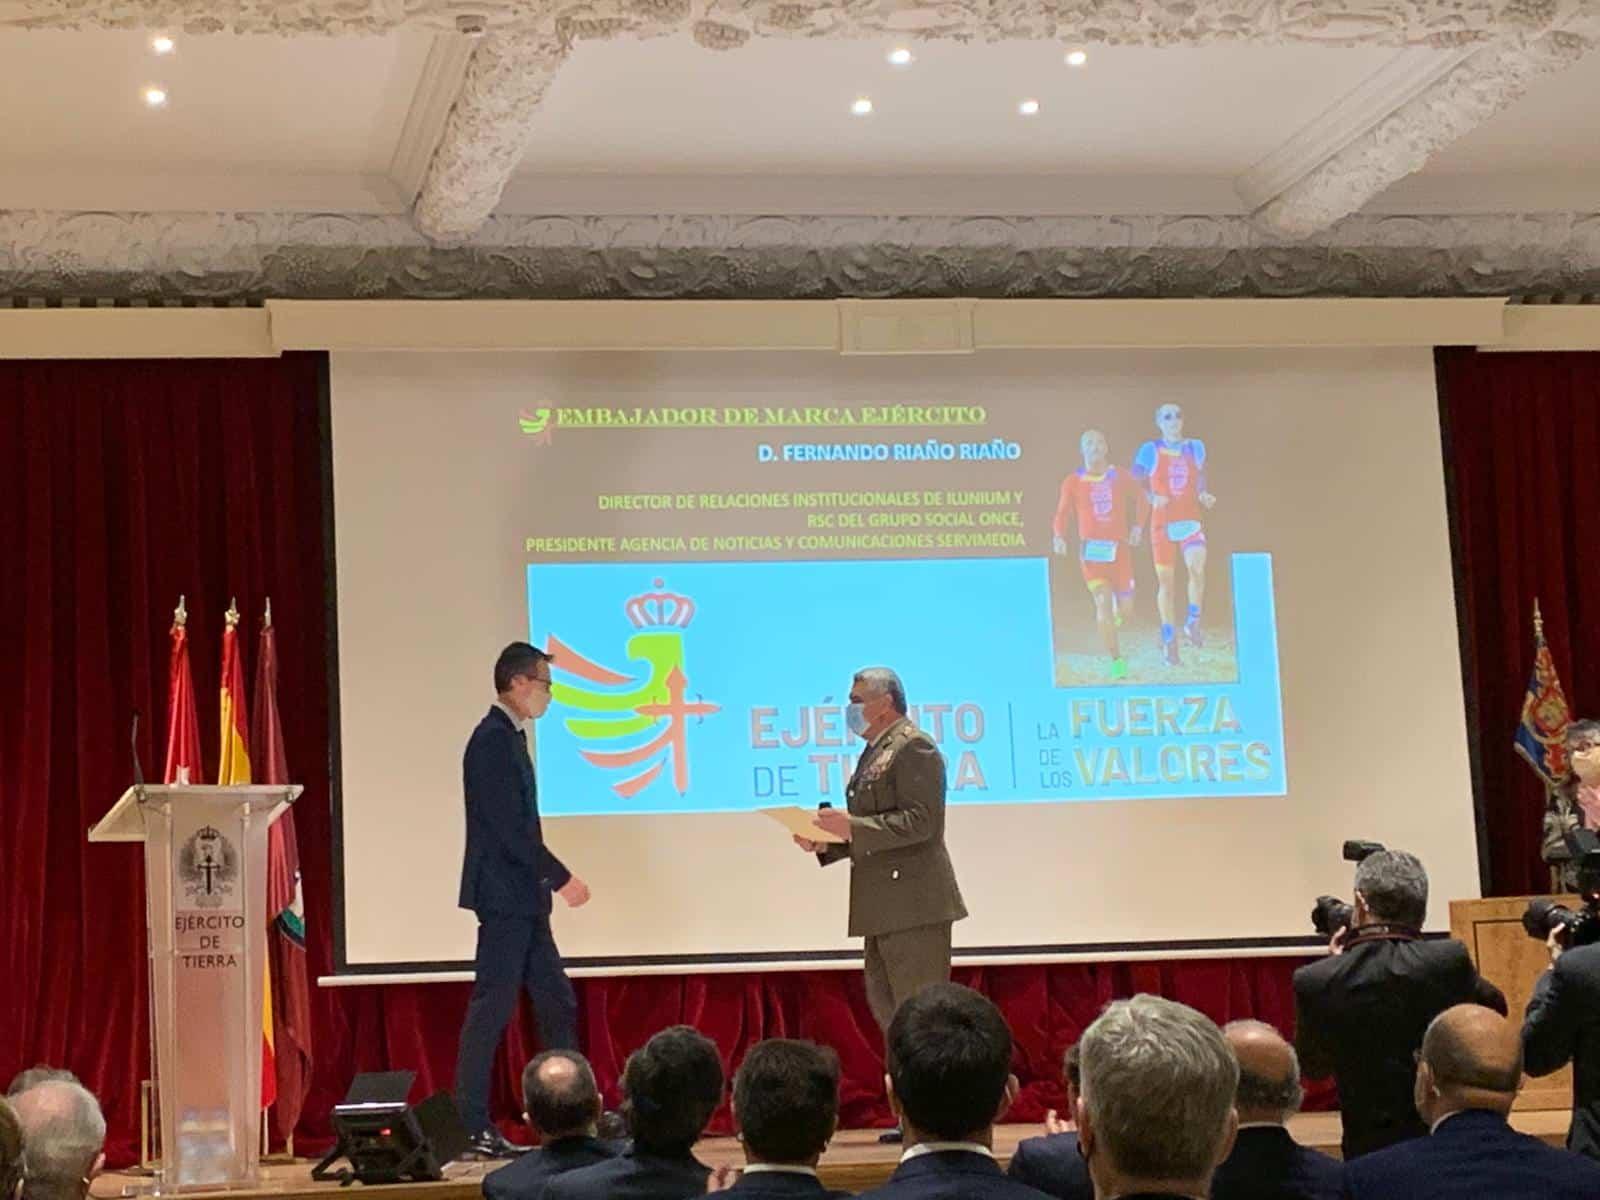 Nombran a Fernando Riaño embajador de la Marca Ejército 1